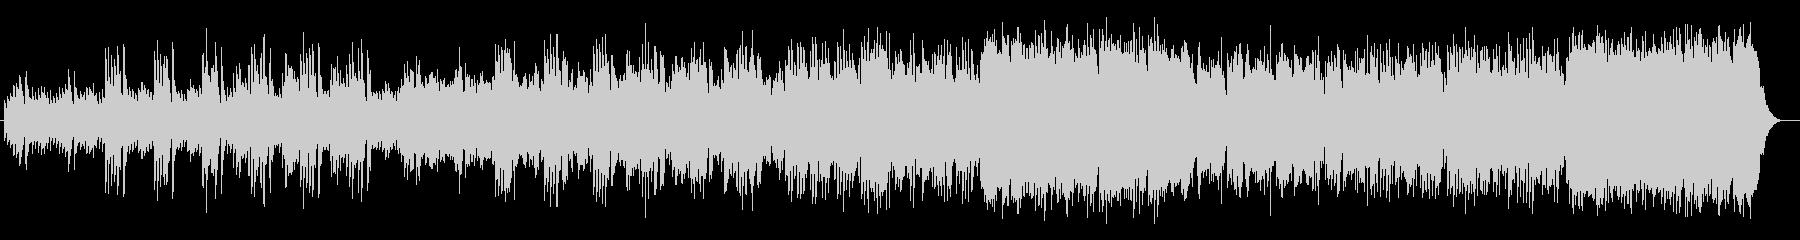 透き通るようなシンセ・金属楽器系サウンドの未再生の波形